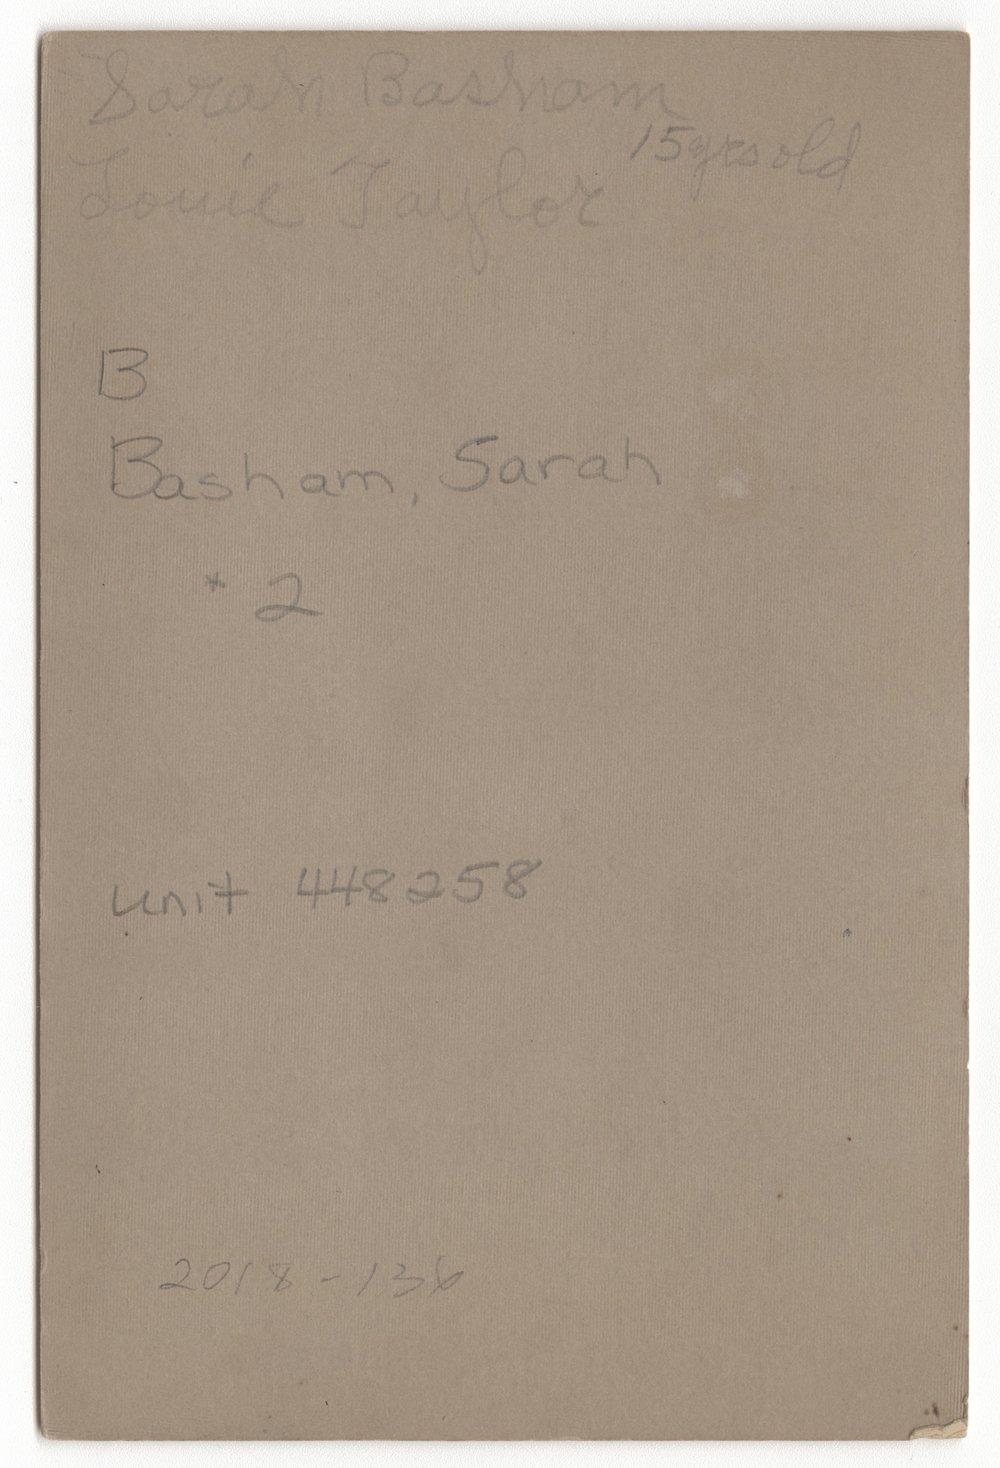 Sarah Basham and Louis Taylor - 4